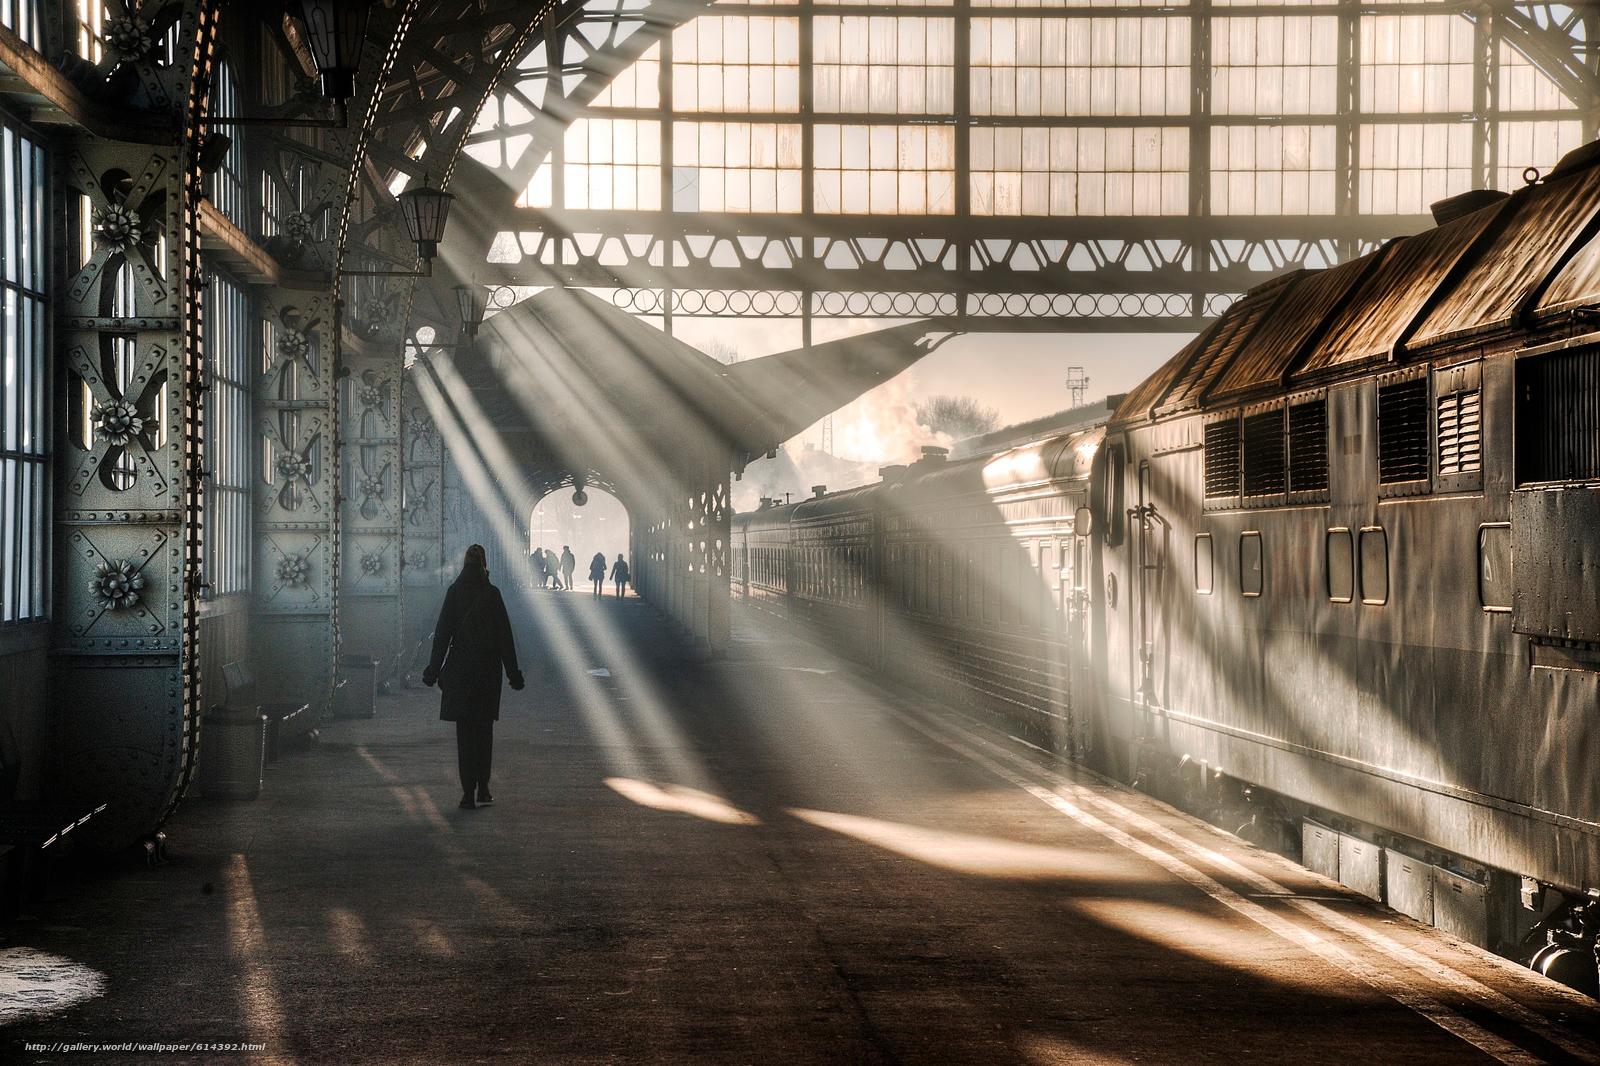 Скачать обои Витебский,  вокзал,  Санкт-Петербург,  Ленинград бесплатно для рабочего стола в разрешении 2048x1364 — картинка №614392